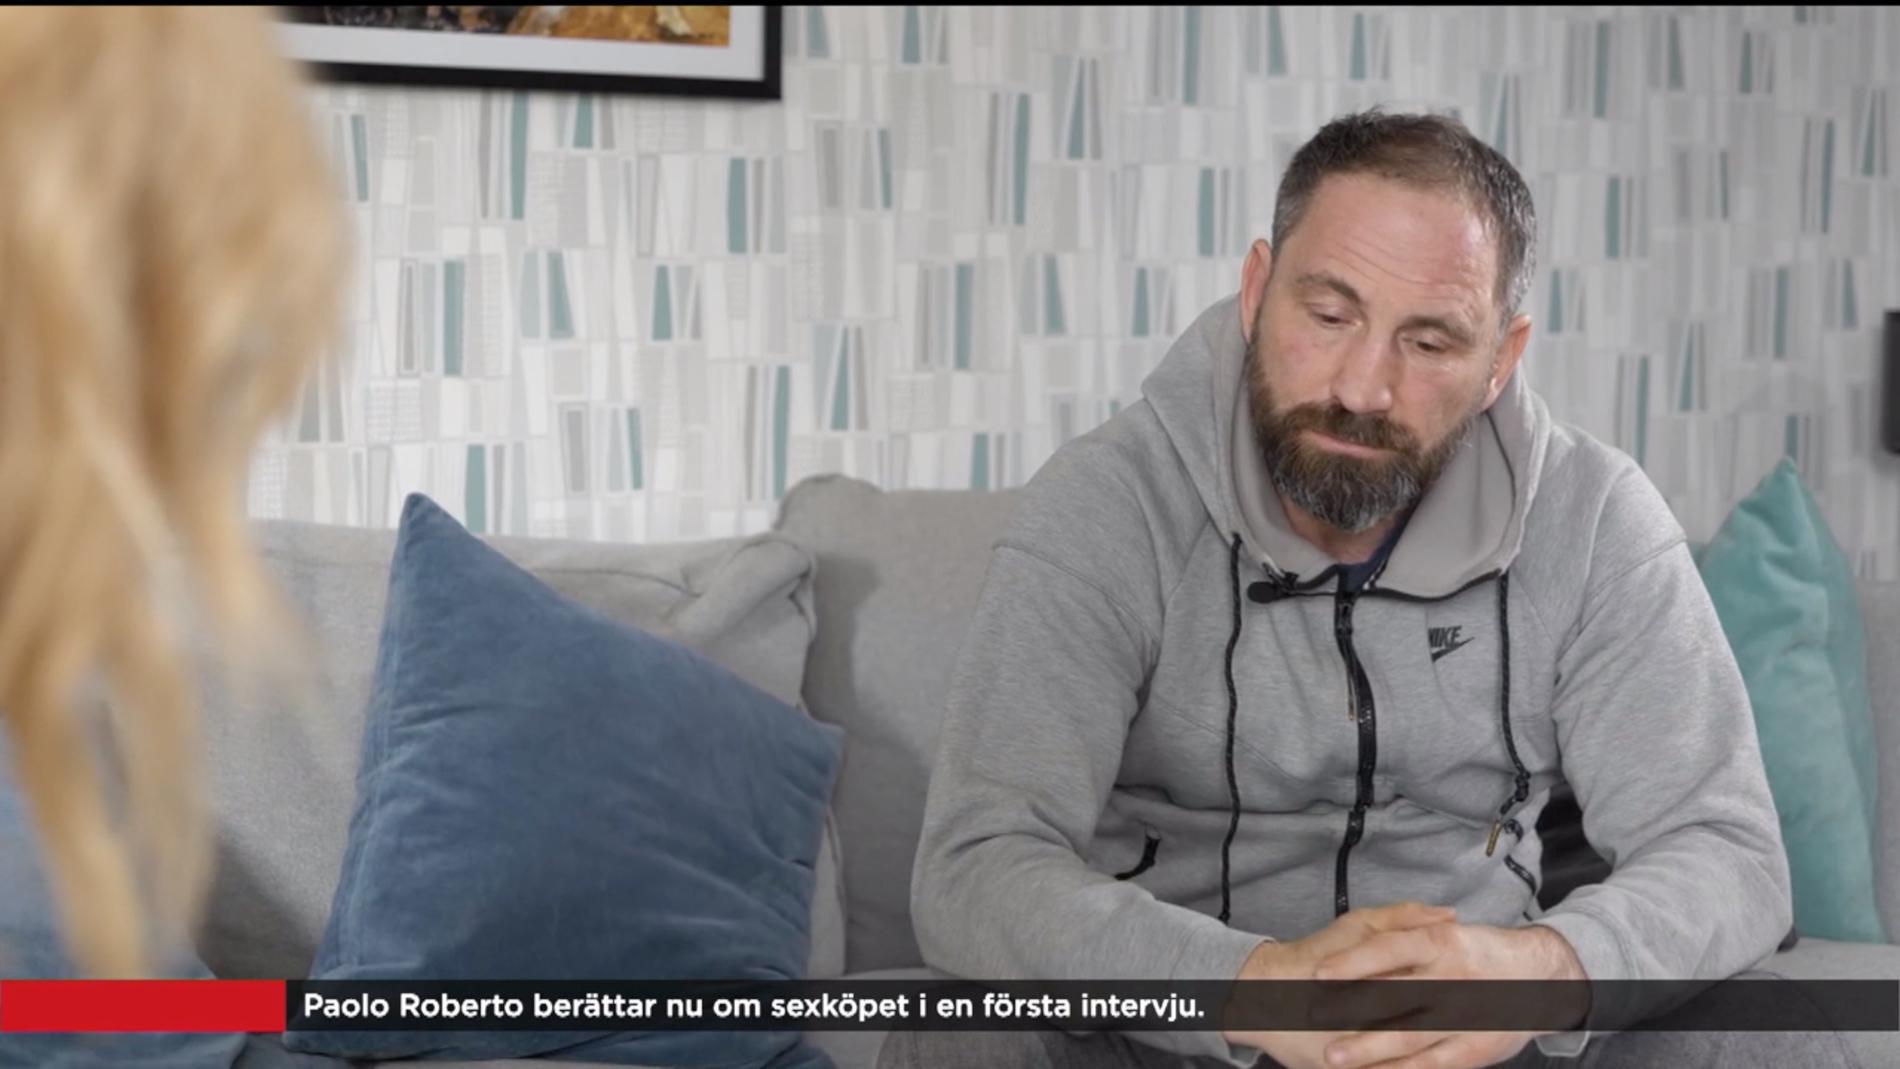 Paolo Roberto när han intervjuades av TV4